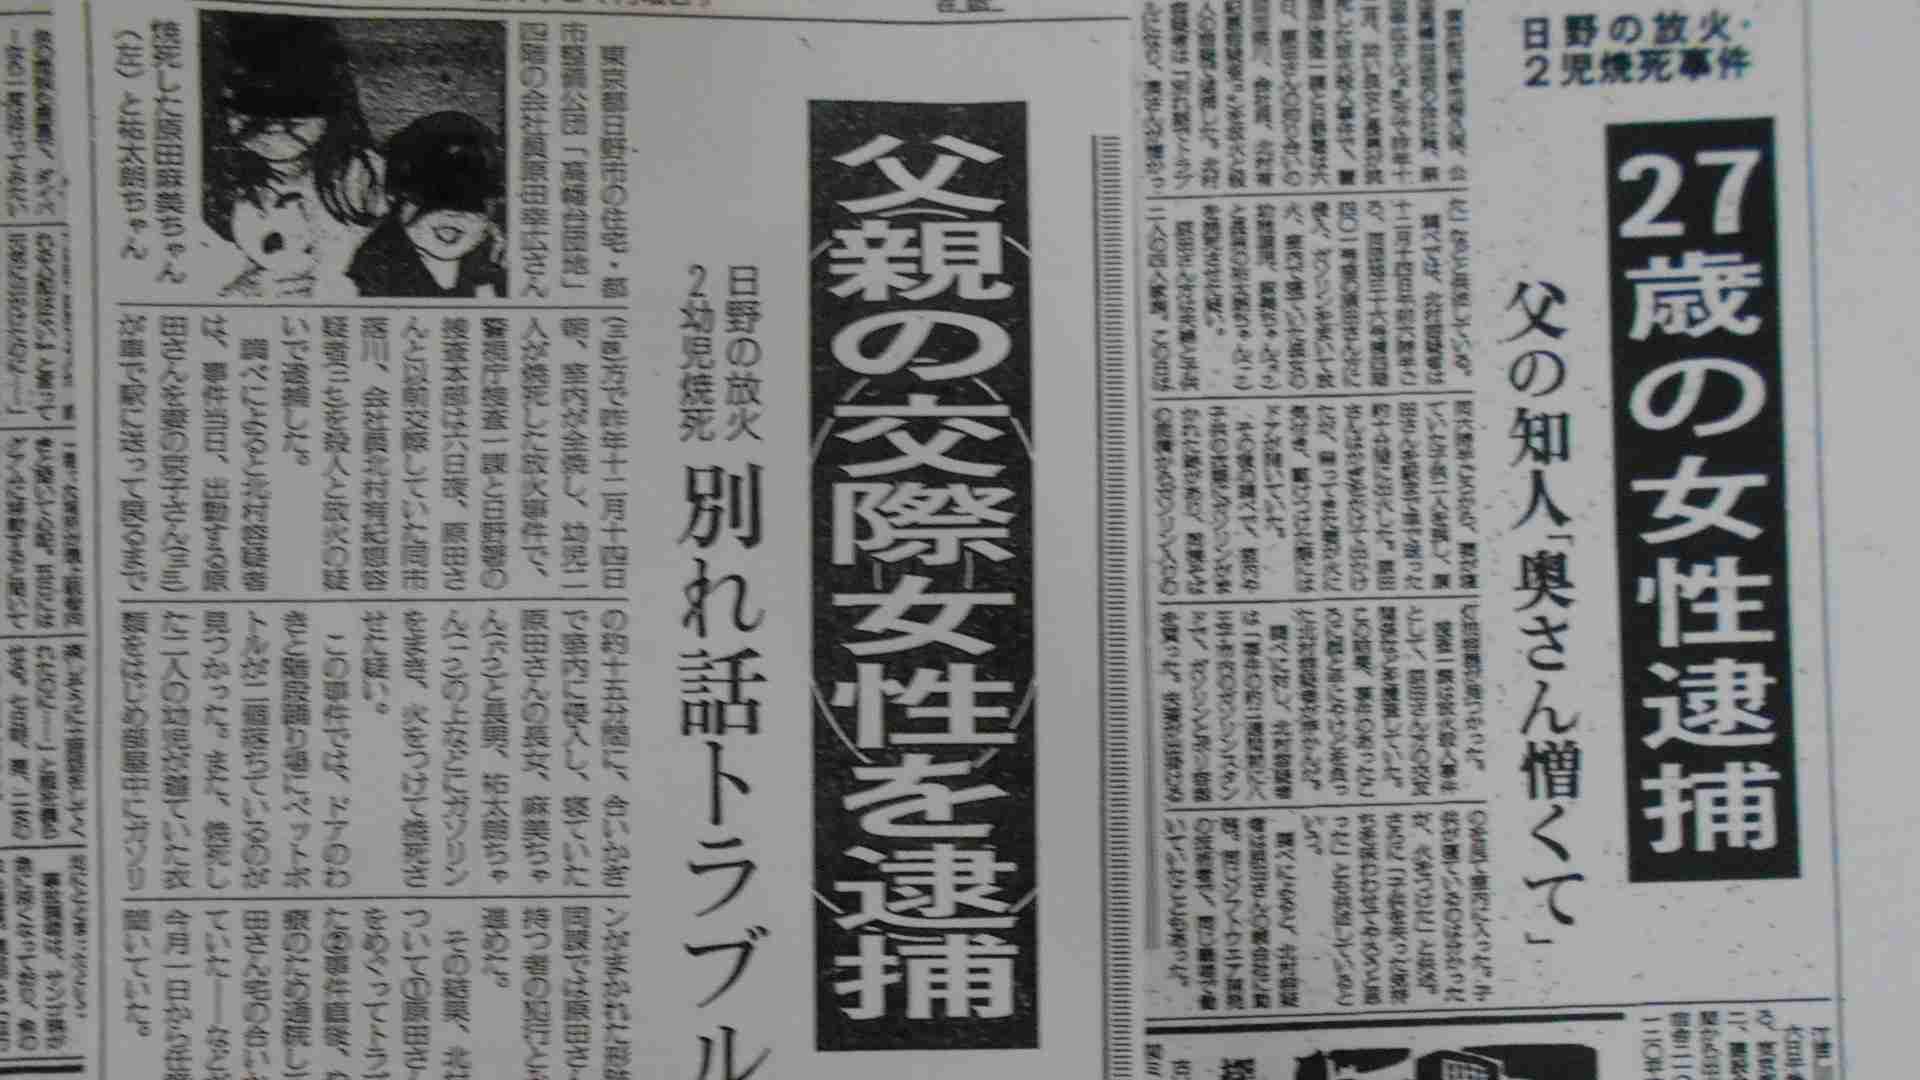 「日野不倫殺人事件」北村有紀恵受刑者をめぐる24年目の新展開(篠田博之) - 個人 - Yahoo!ニュース